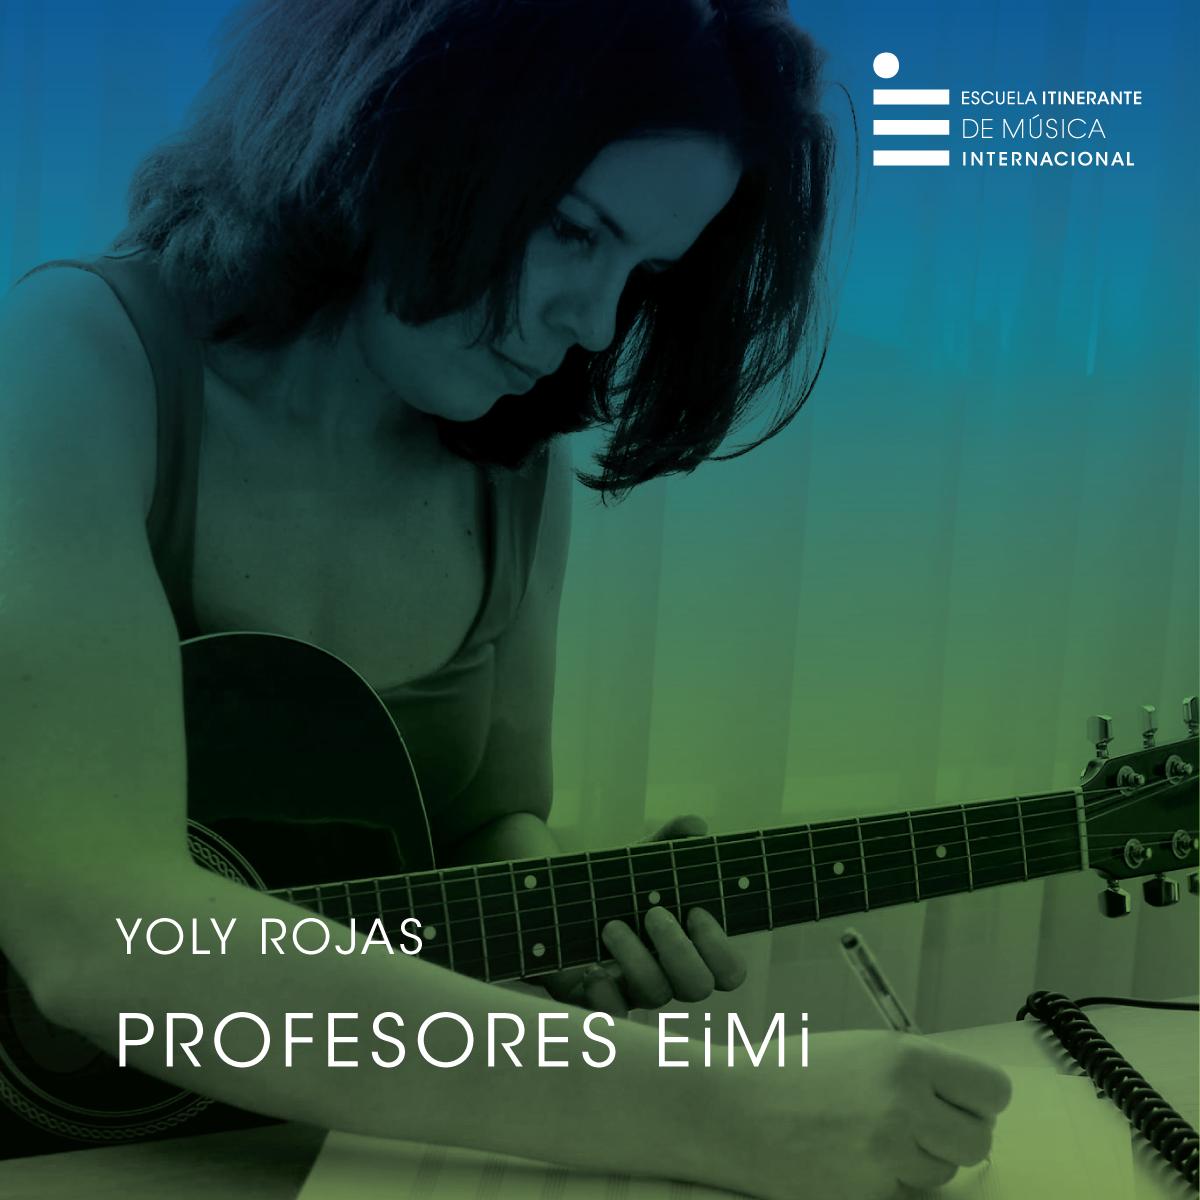 YOLY Rojas Profesora de Canto y composición Escuela Itinerante de Música Internacional